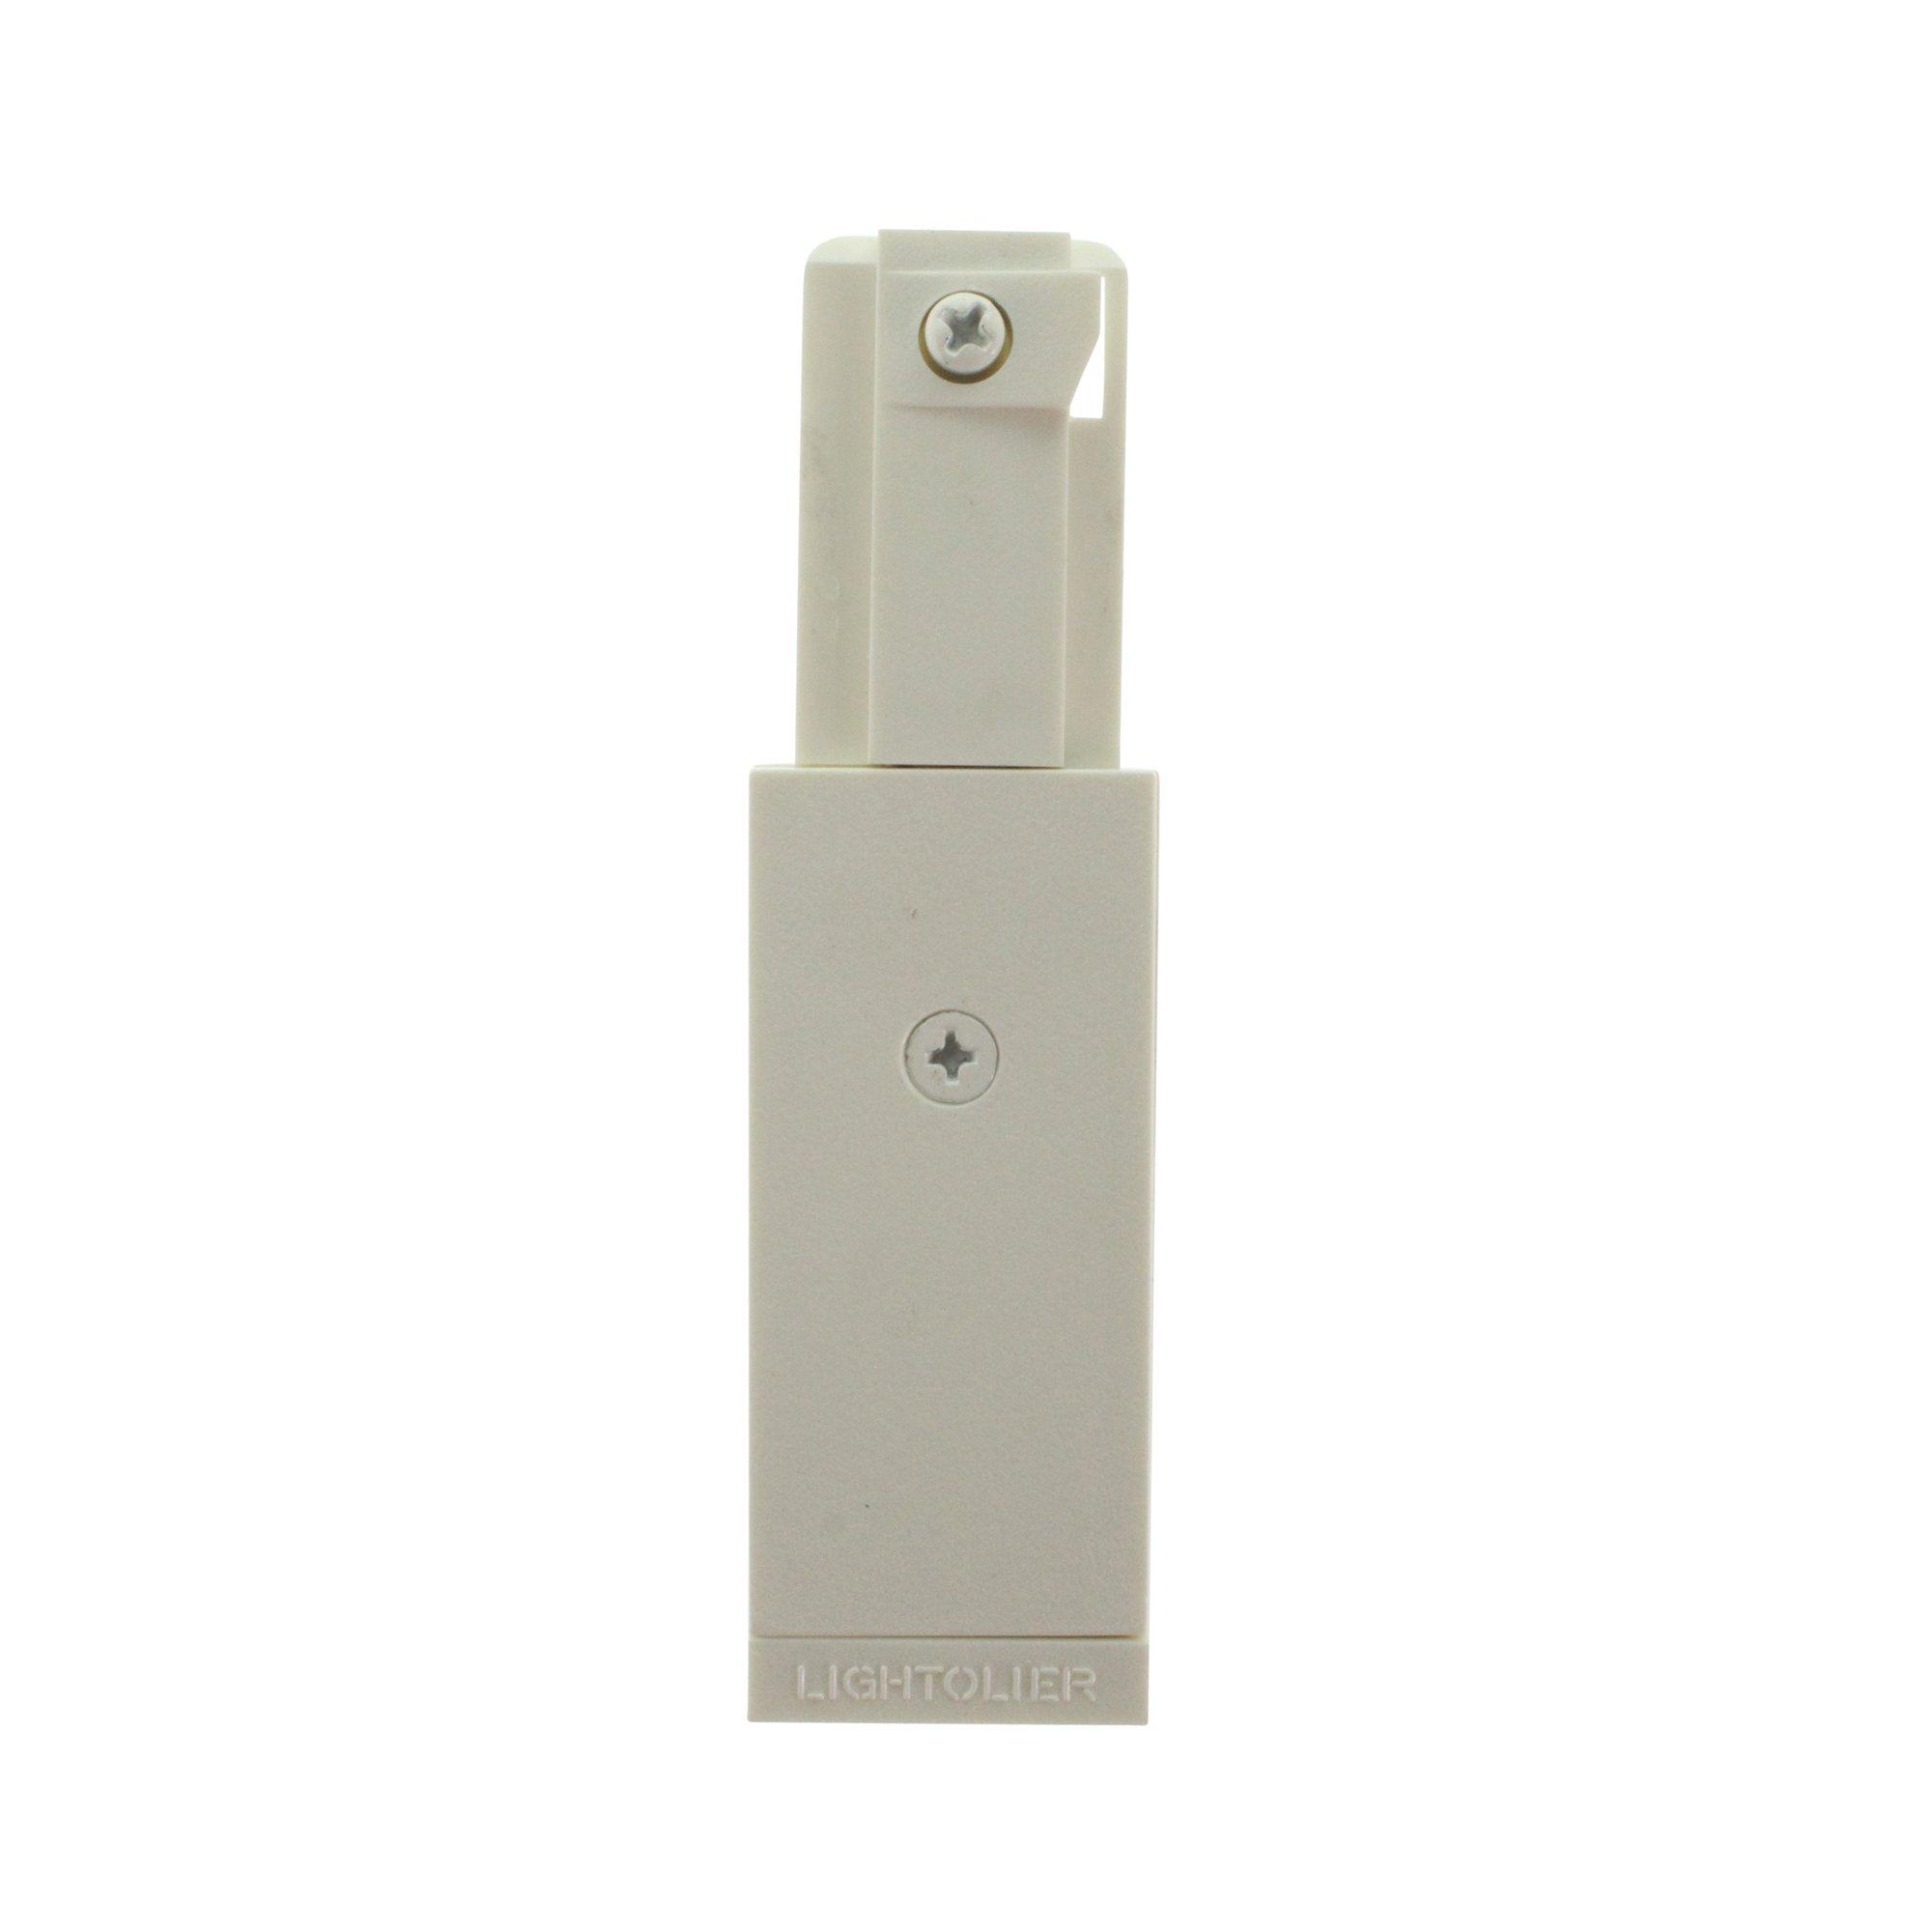 Lightolier 6048WH Lytespan Track Lighting Basic Live-End Power Feed, WHite